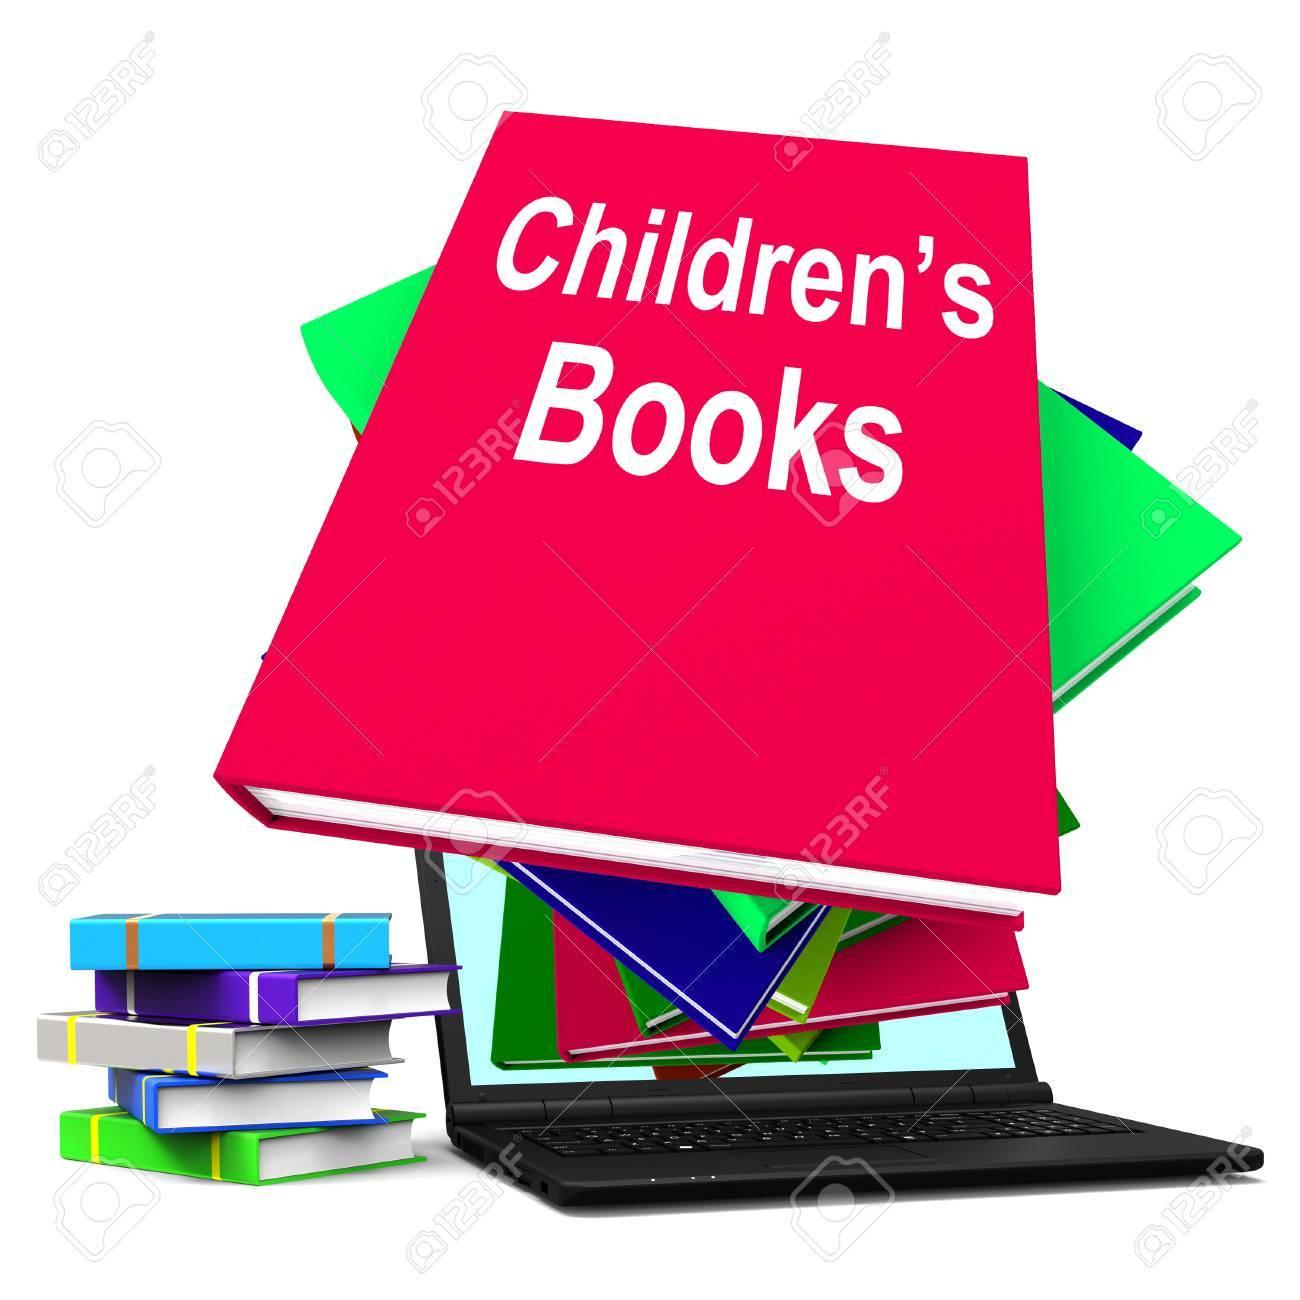 Kinderbücher Buch Stapel Laptop Zeige Lesen Für Kinder Lizenzfreie